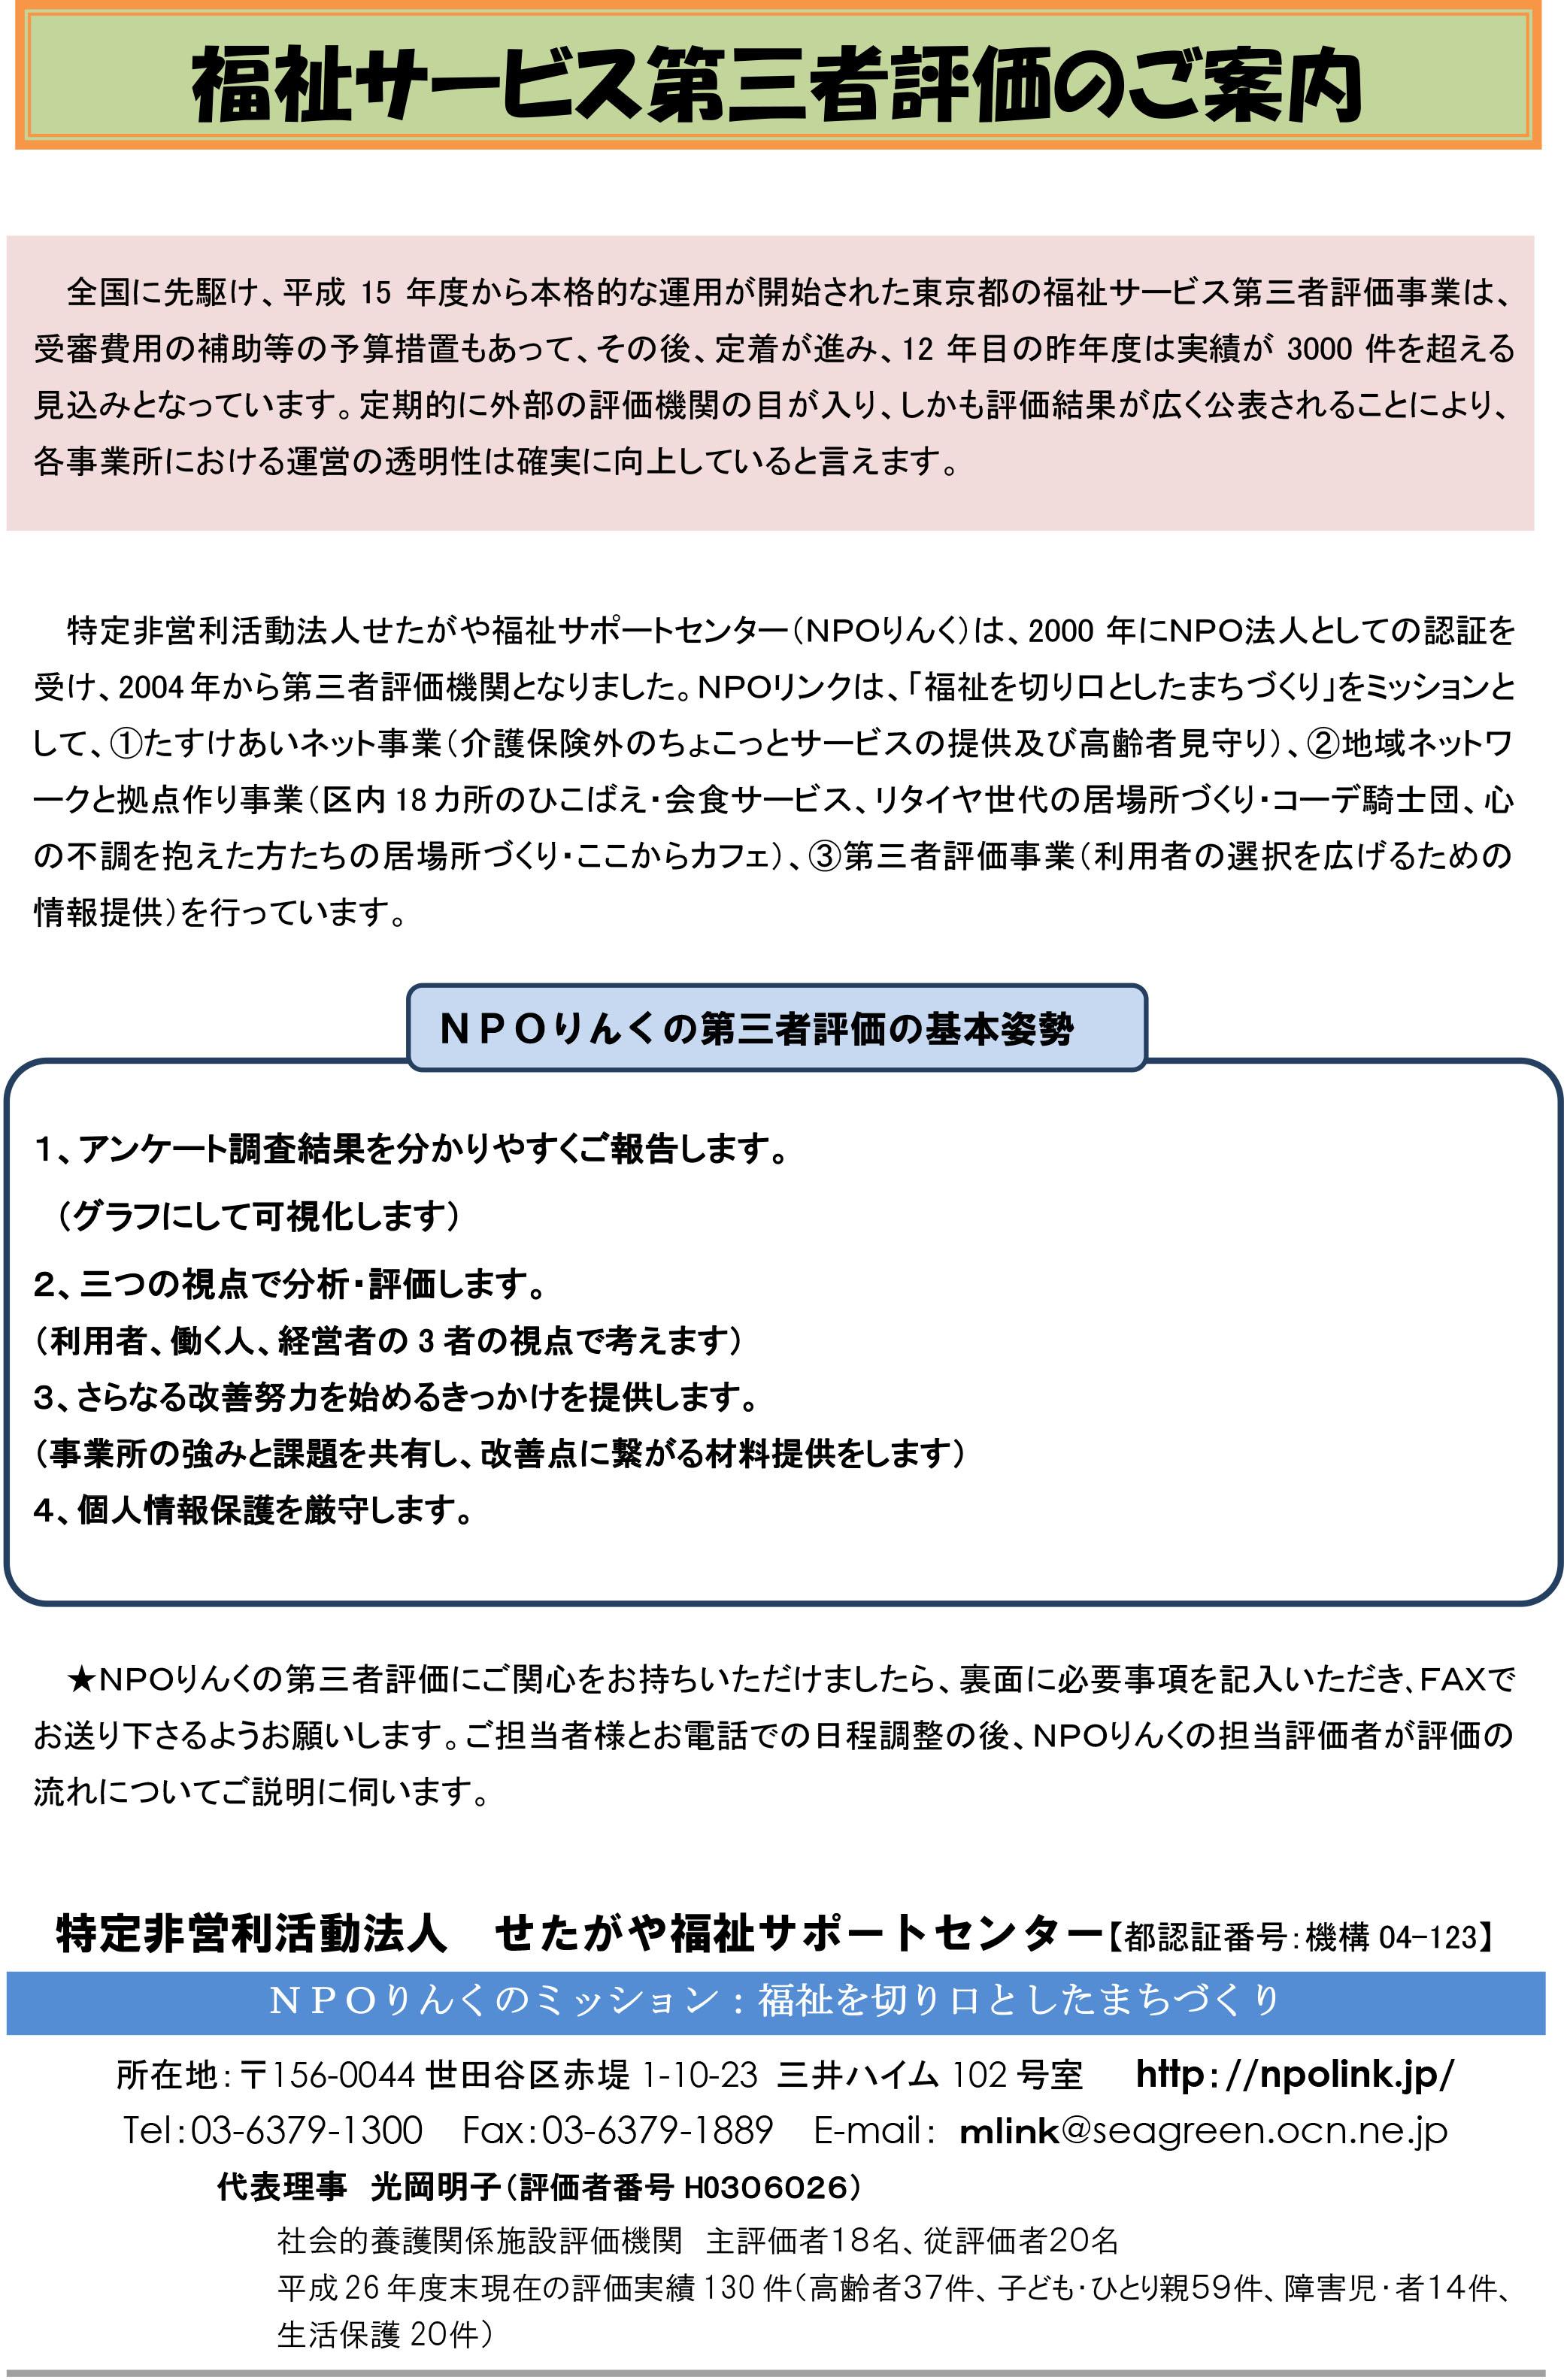 ★りんく福祉サービス第三者評価のご案内(平成27年度)